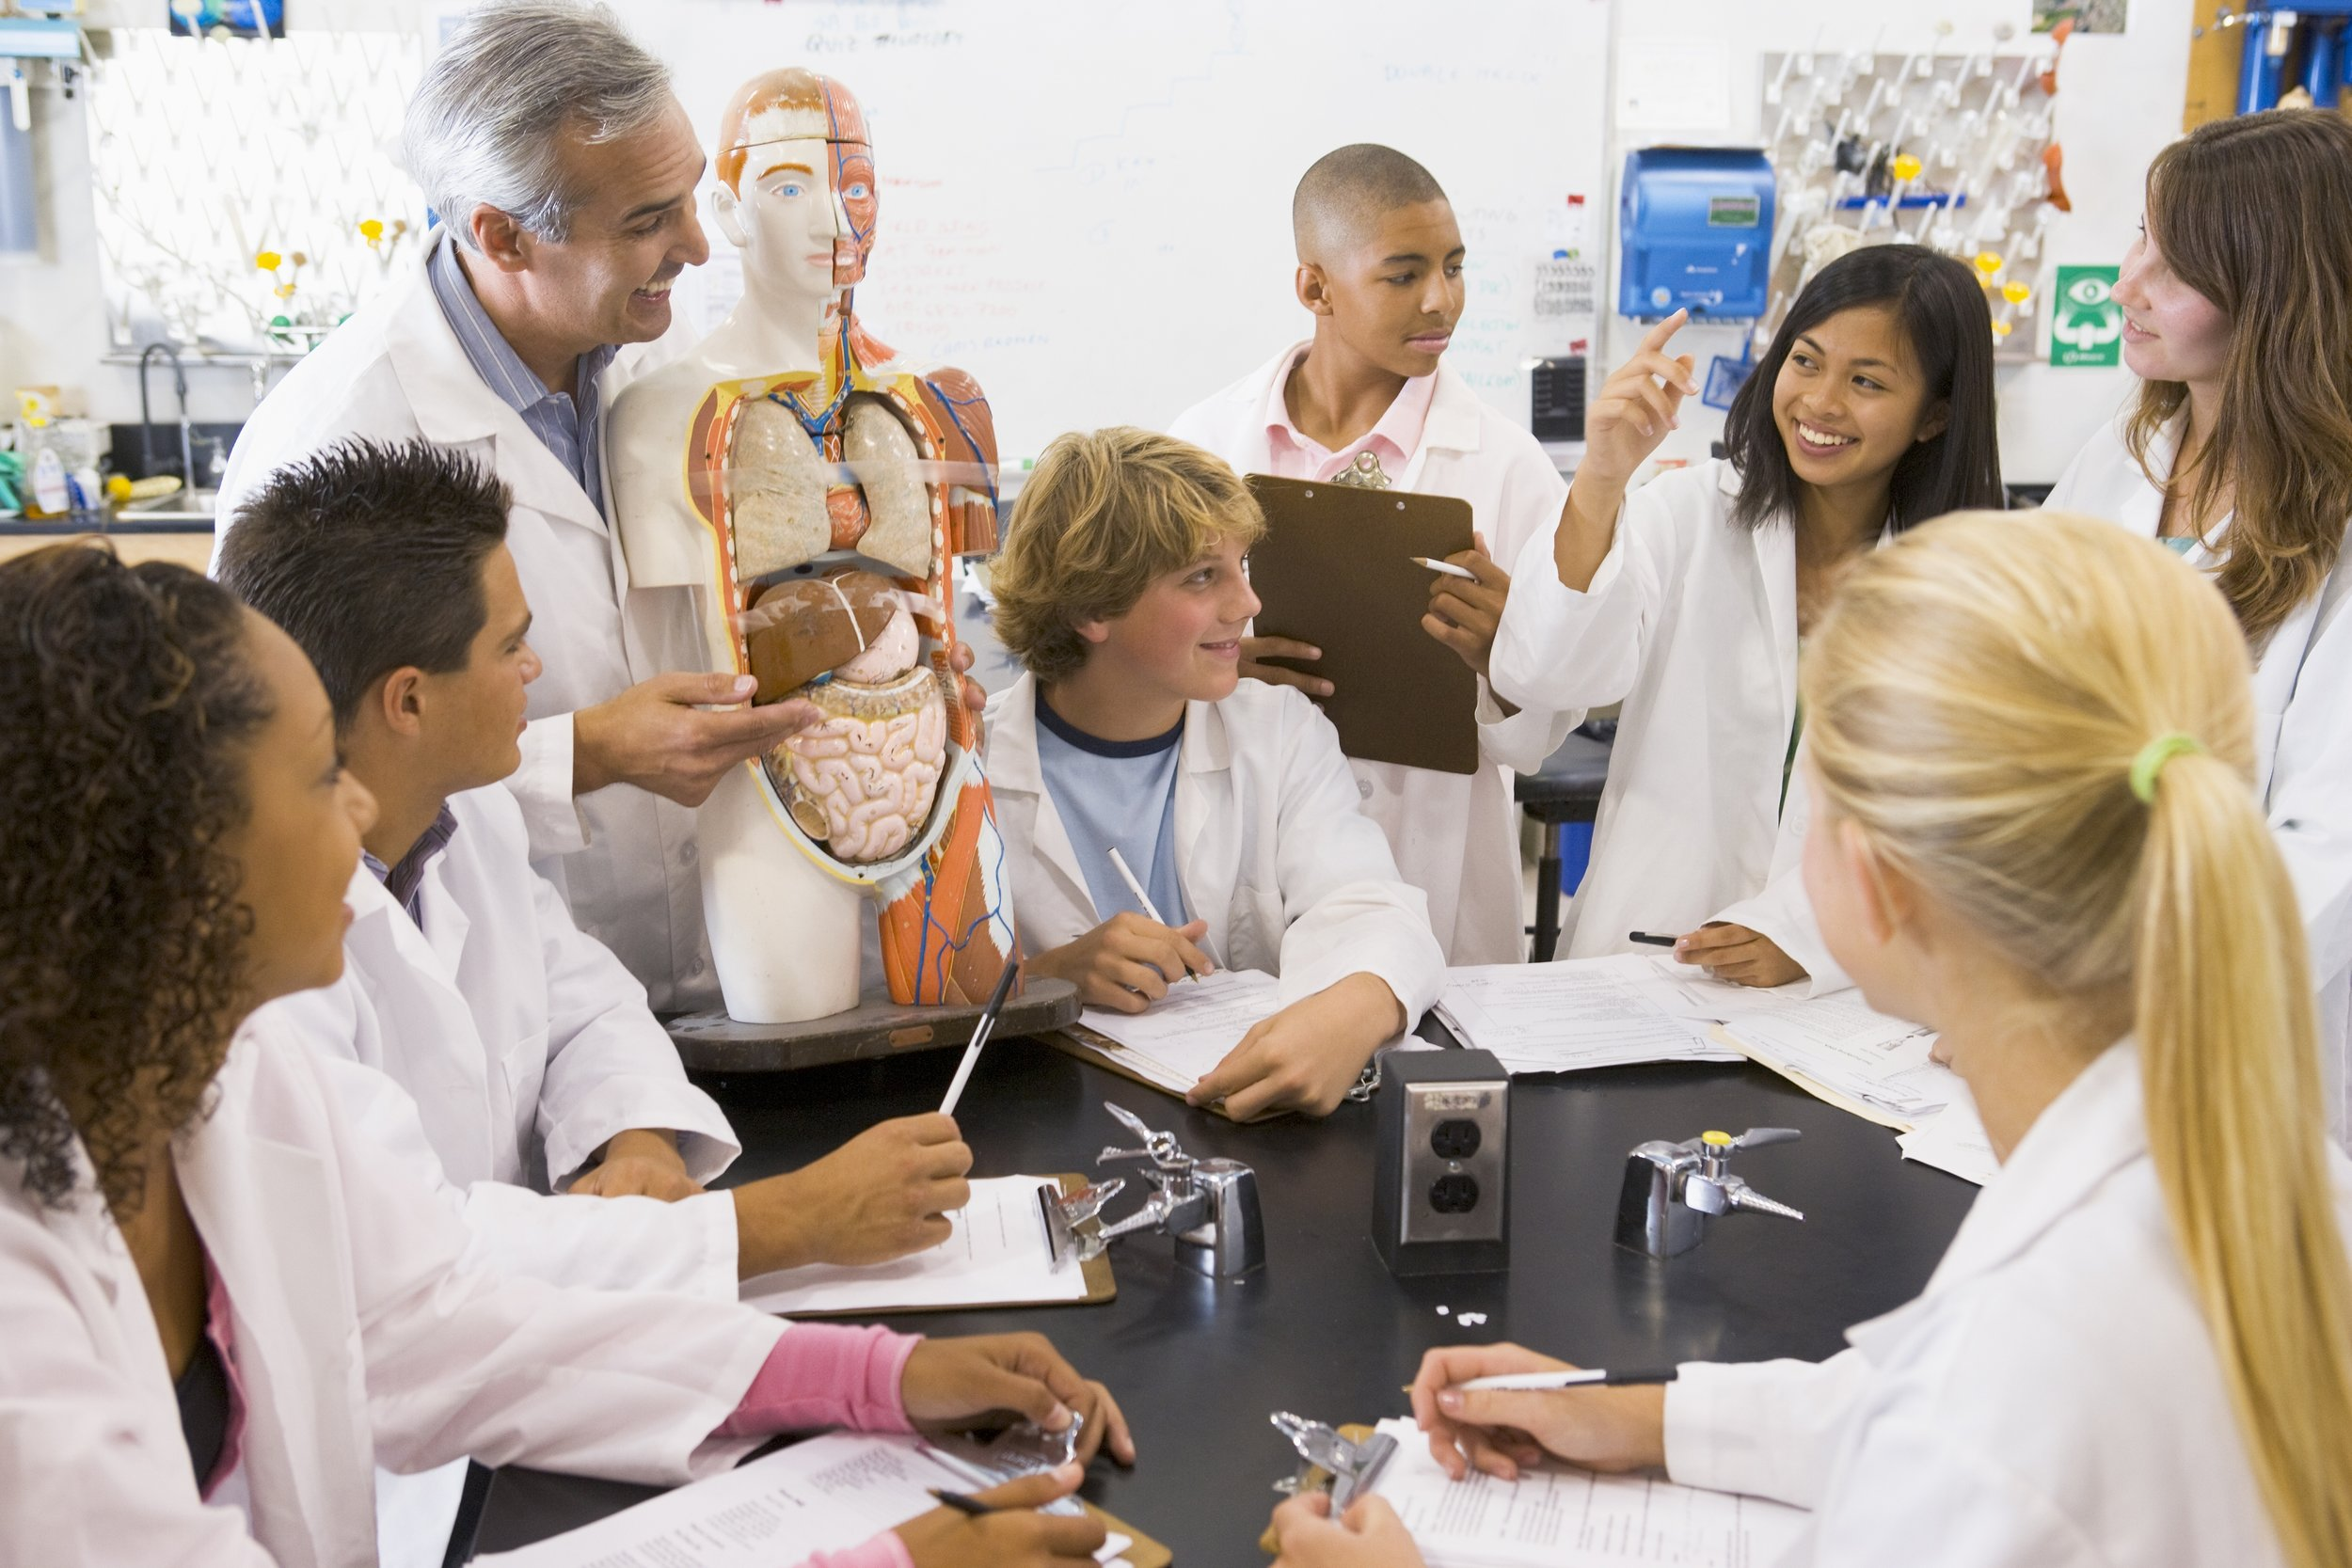 scienceteacher&students.JPG